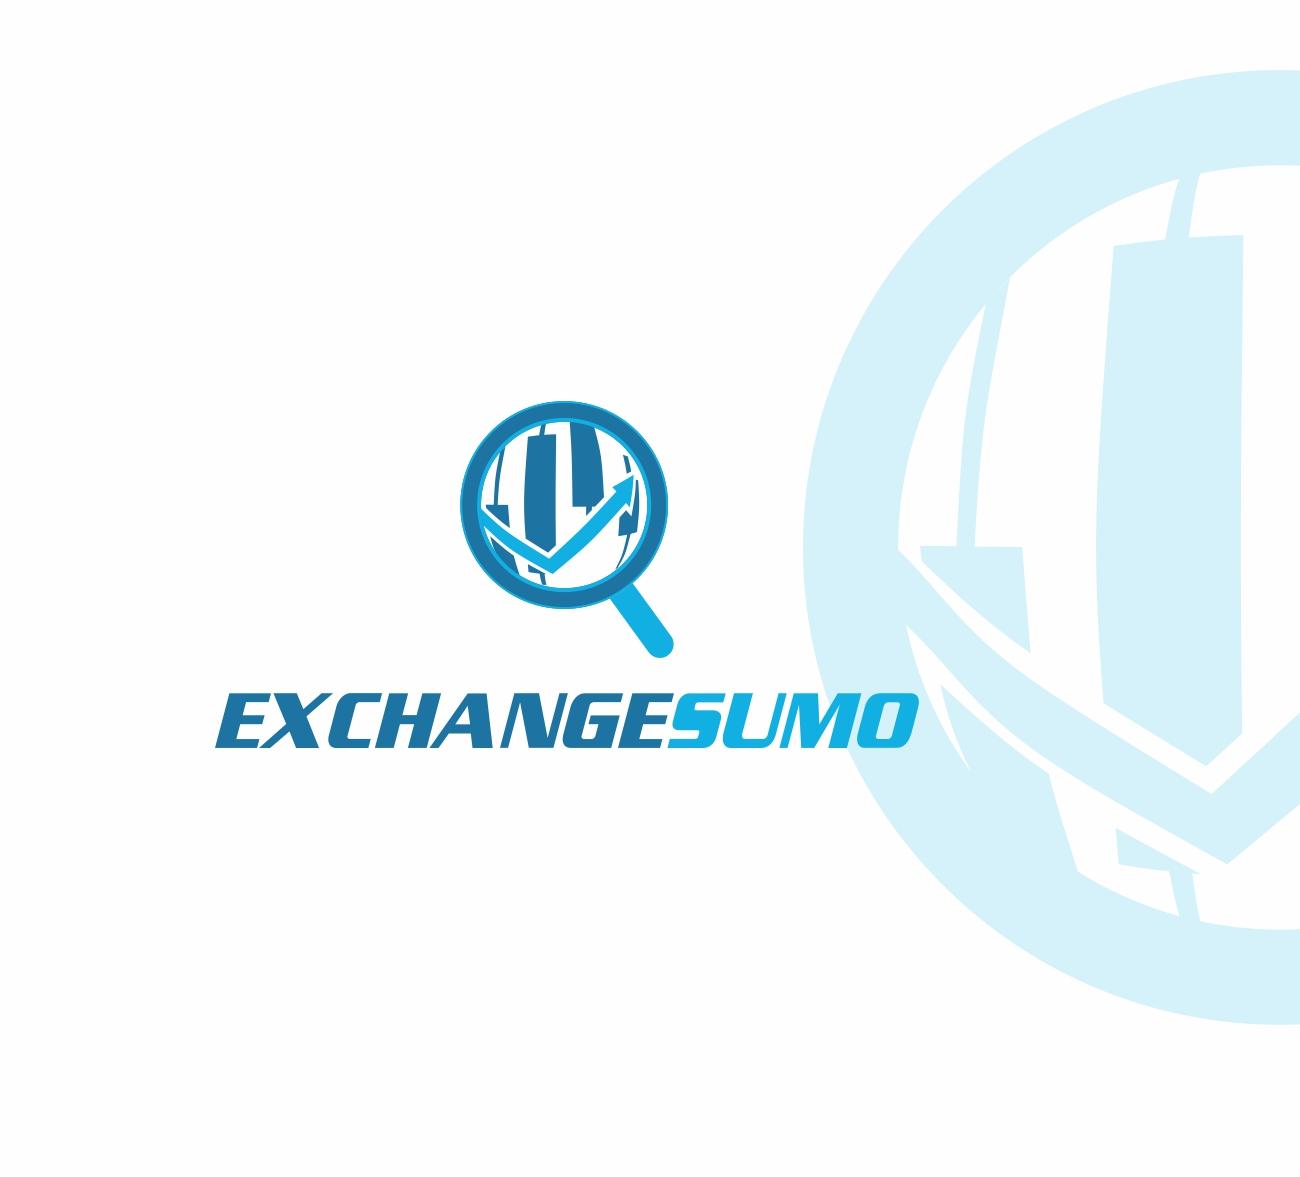 Логотип для мониторинга обменников фото f_1465bb0811da814e.jpg